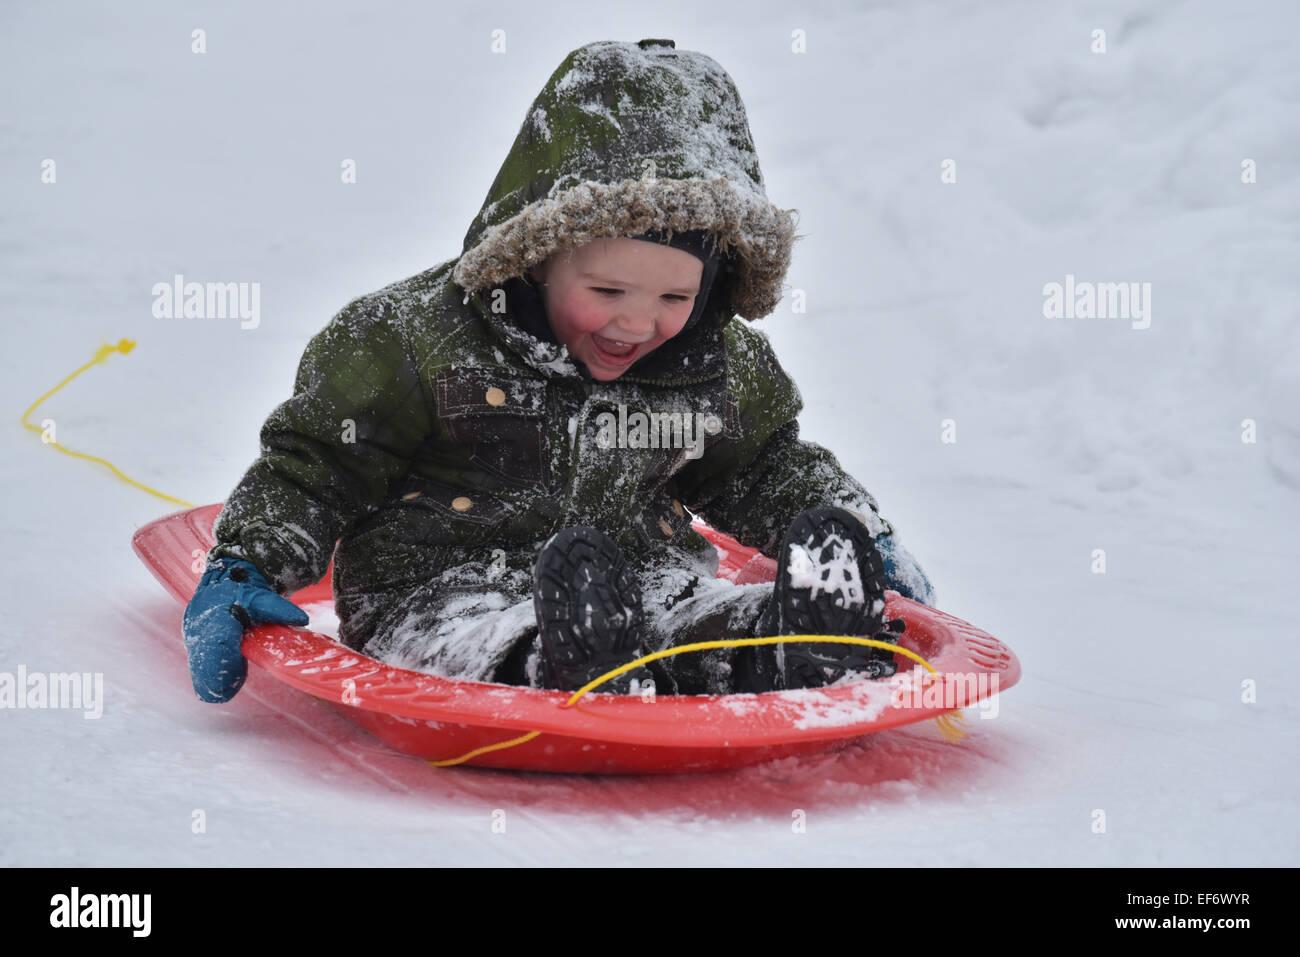 Ein kleiner Junge (2 1/2 Jahre) lachen beim Rodeln Stockbild